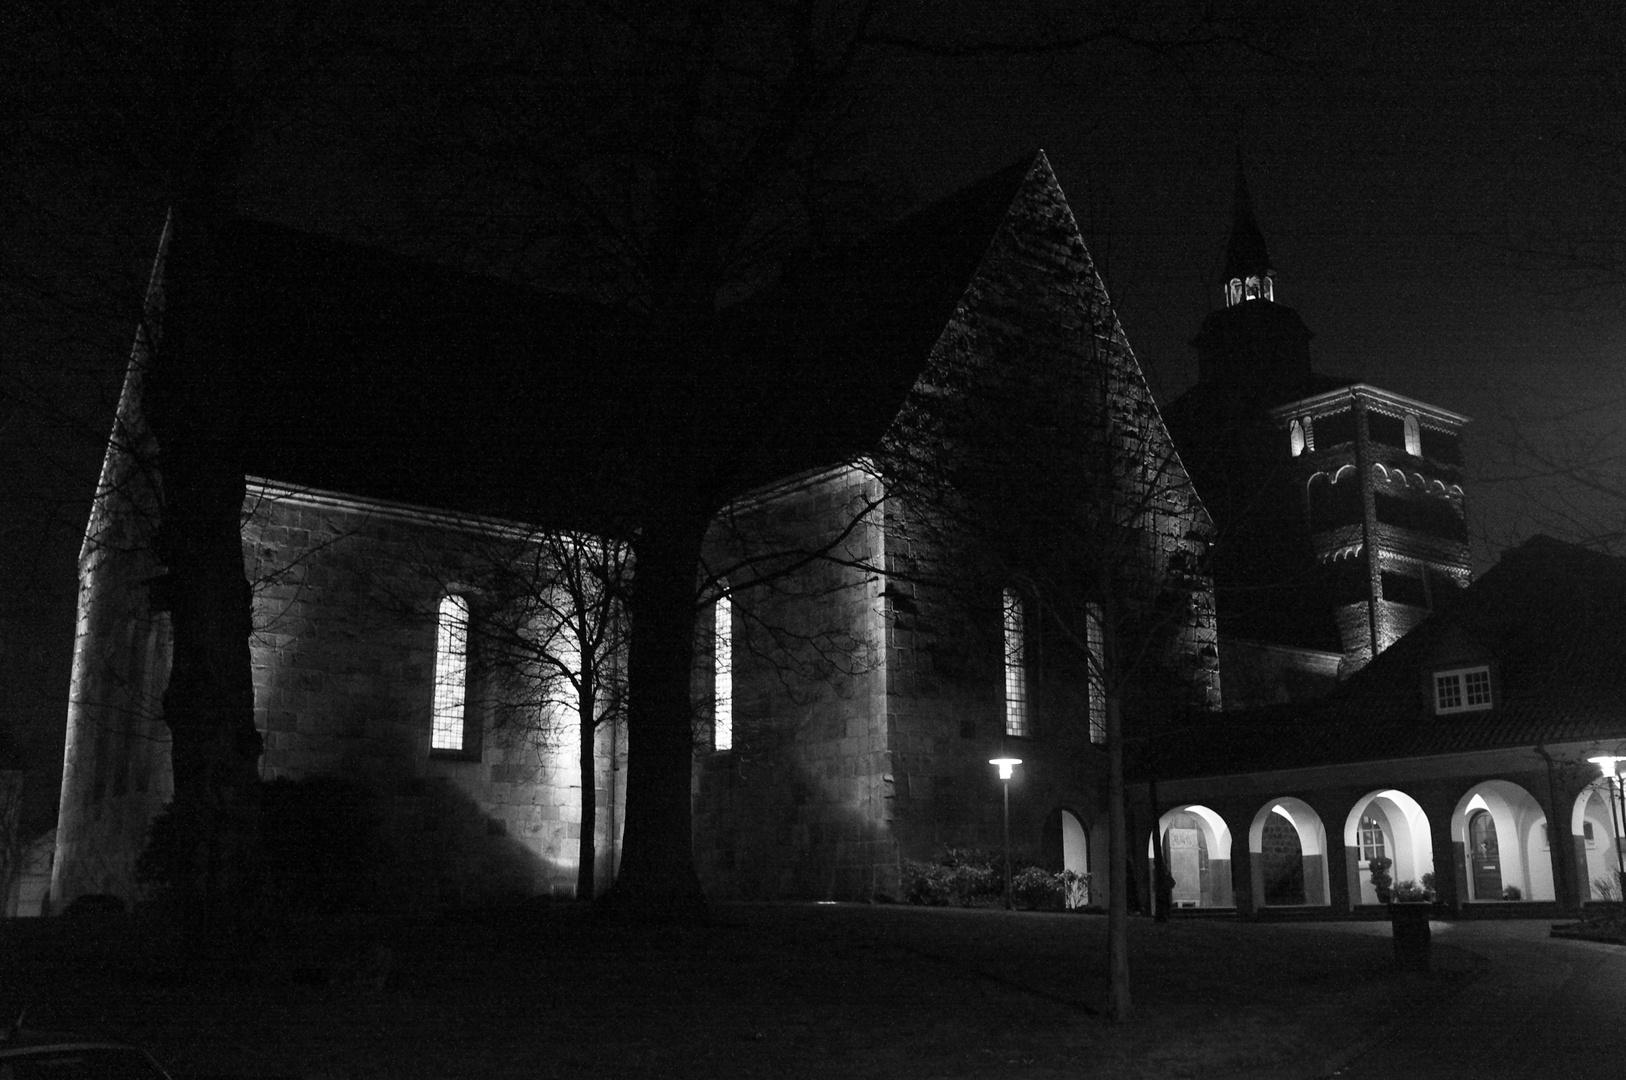 Vareler Schlosskirche